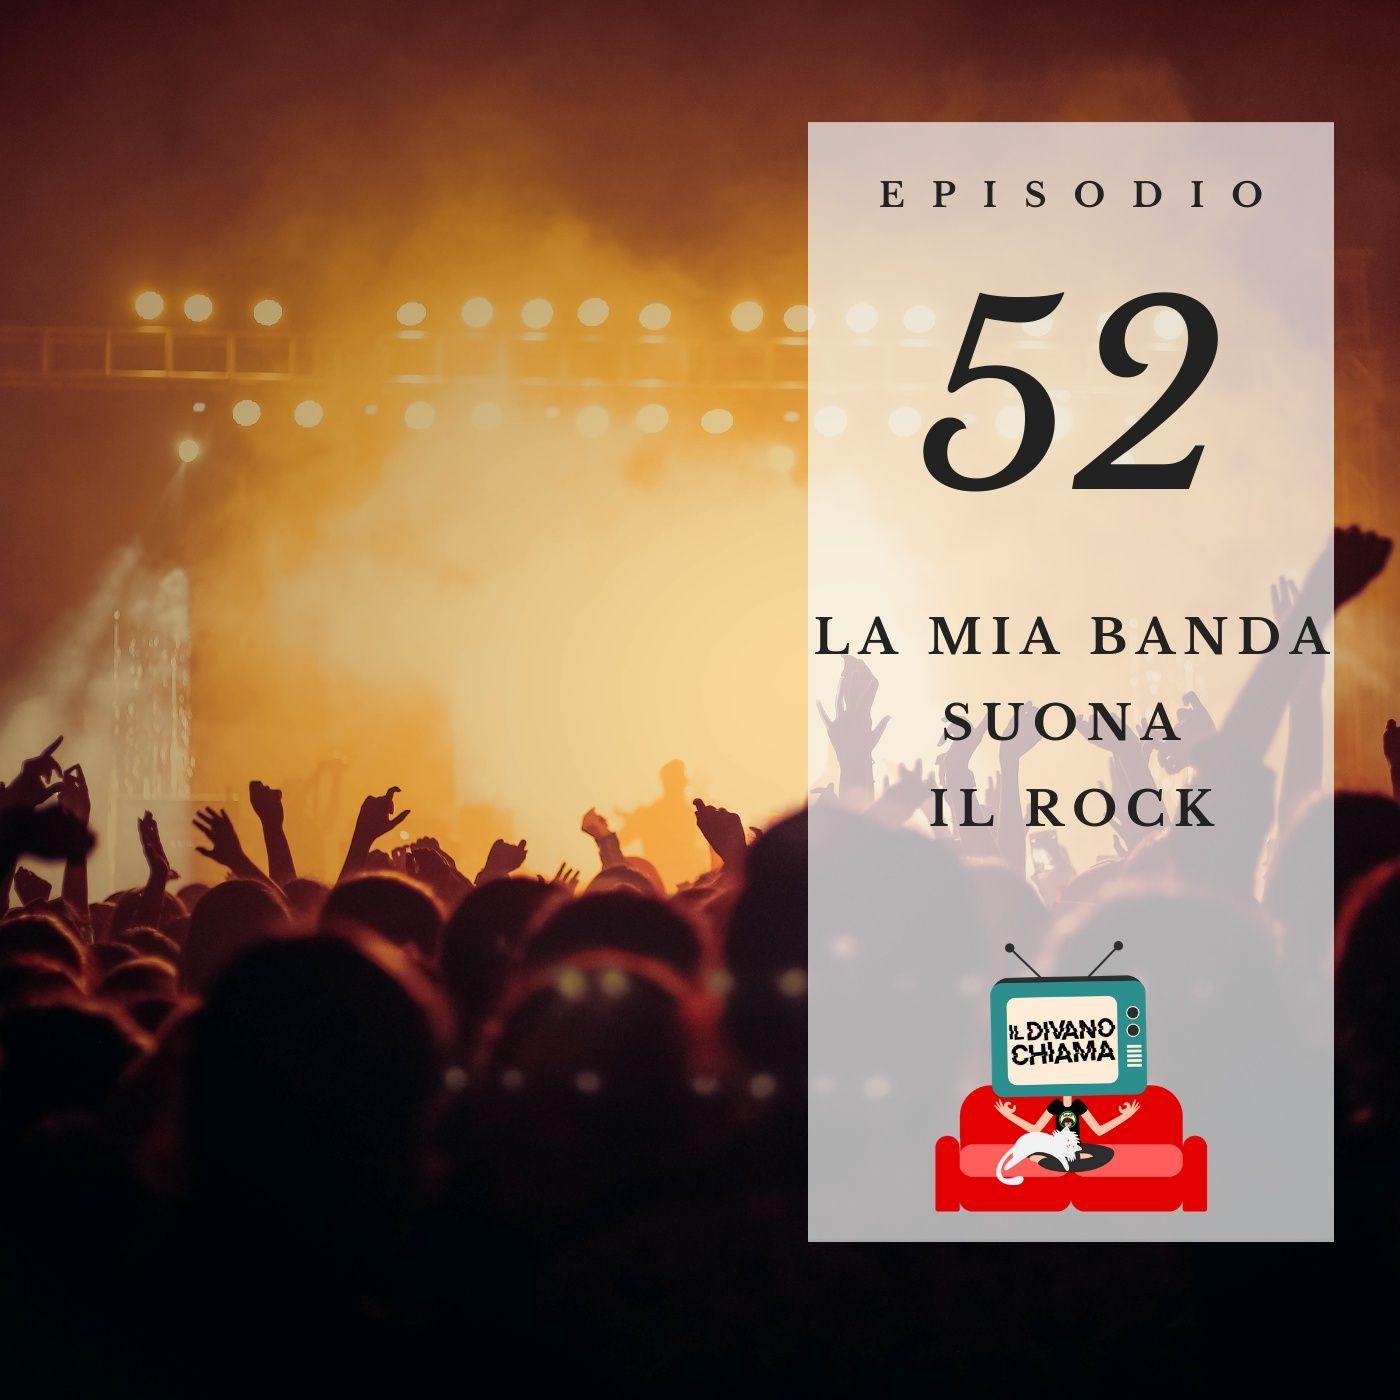 Puntata 52 - La mia banda suona il rock